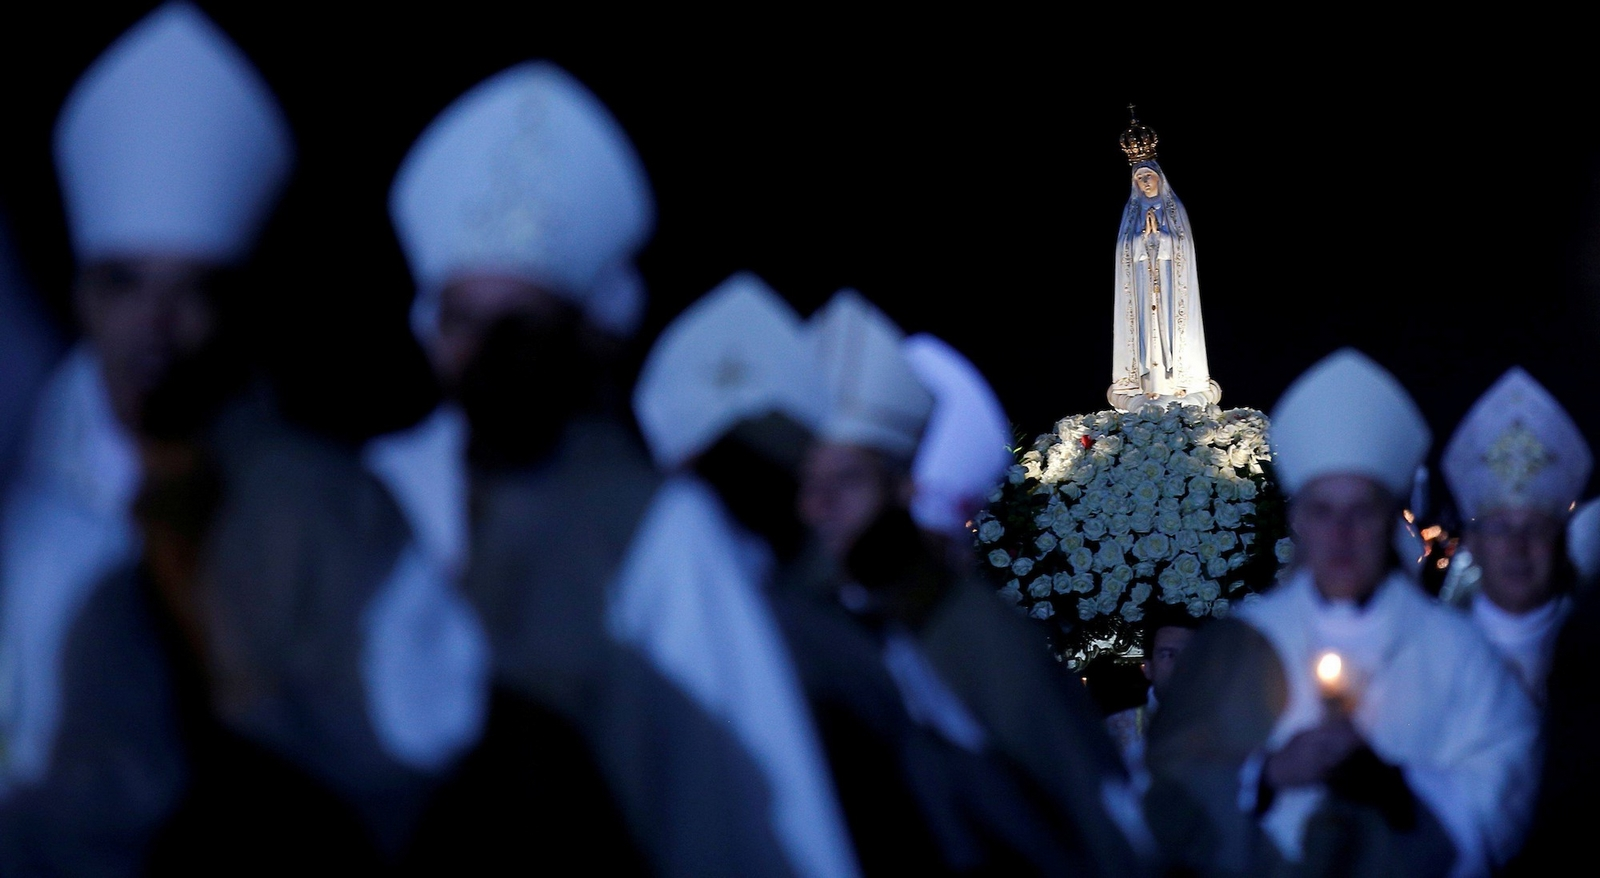 La Virgen María está viniendo a la Tierra para Evitar una Guerra Nuclear